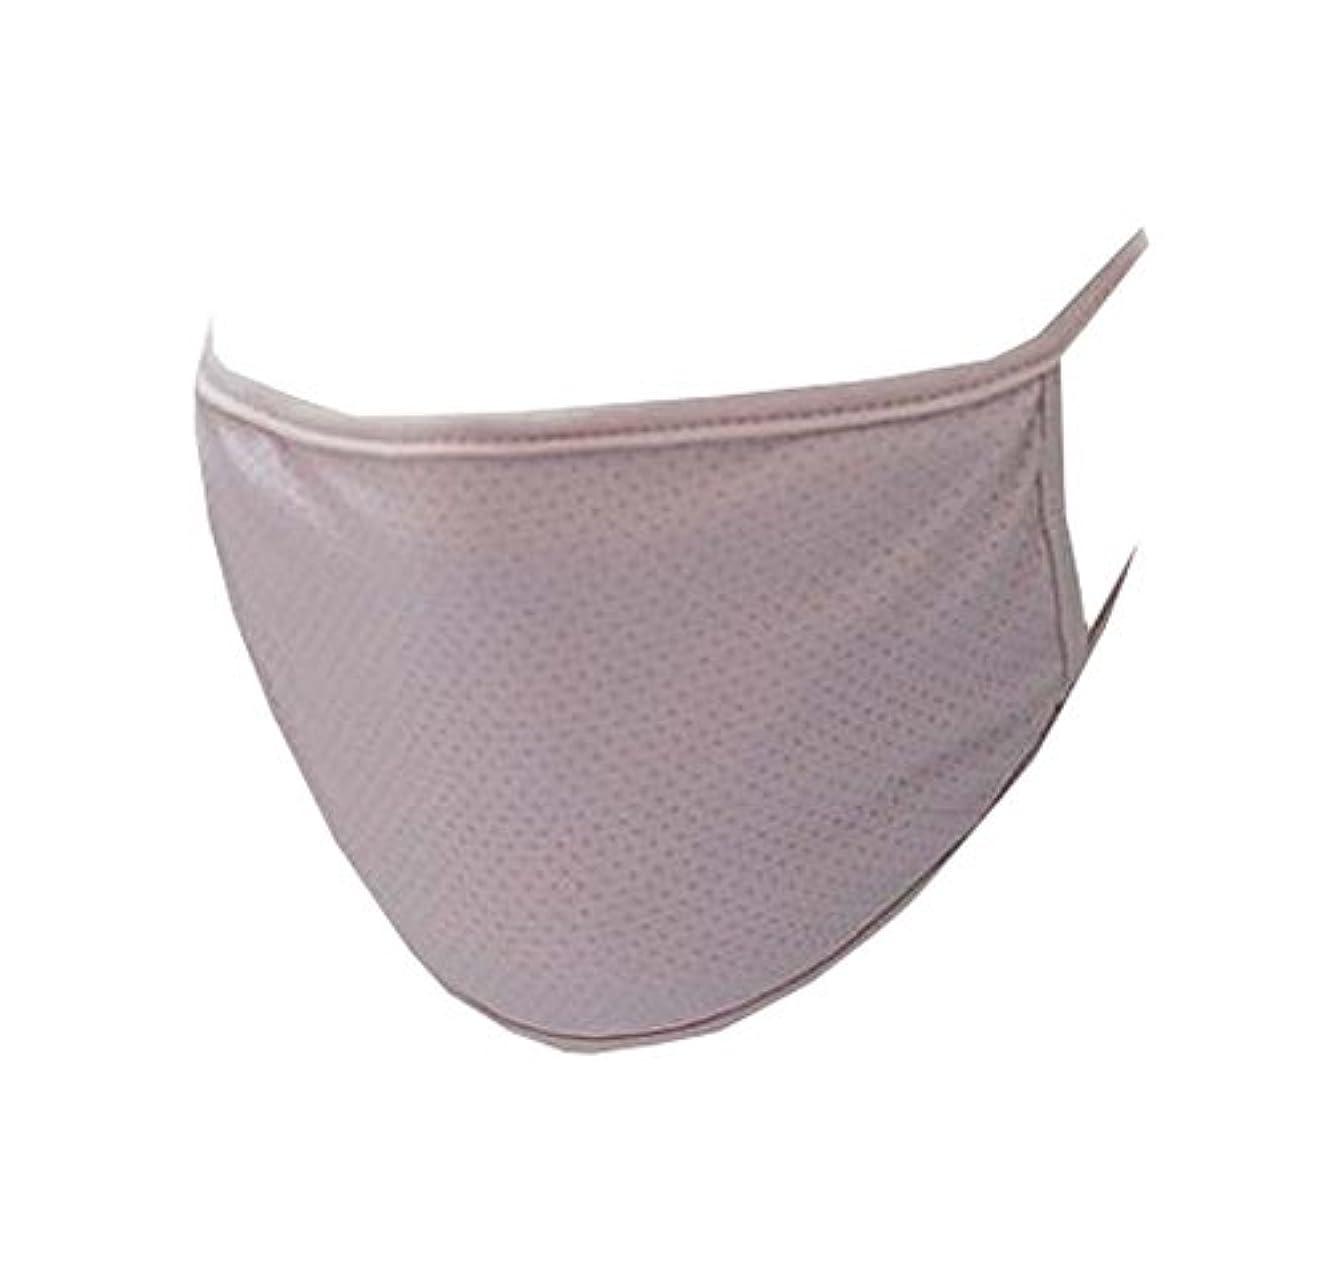 シャイ七面鳥撤退口マスク、再使用可能フィルター - 埃、花粉、アレルゲン、抗UV、およびインフルエンザ菌 - F